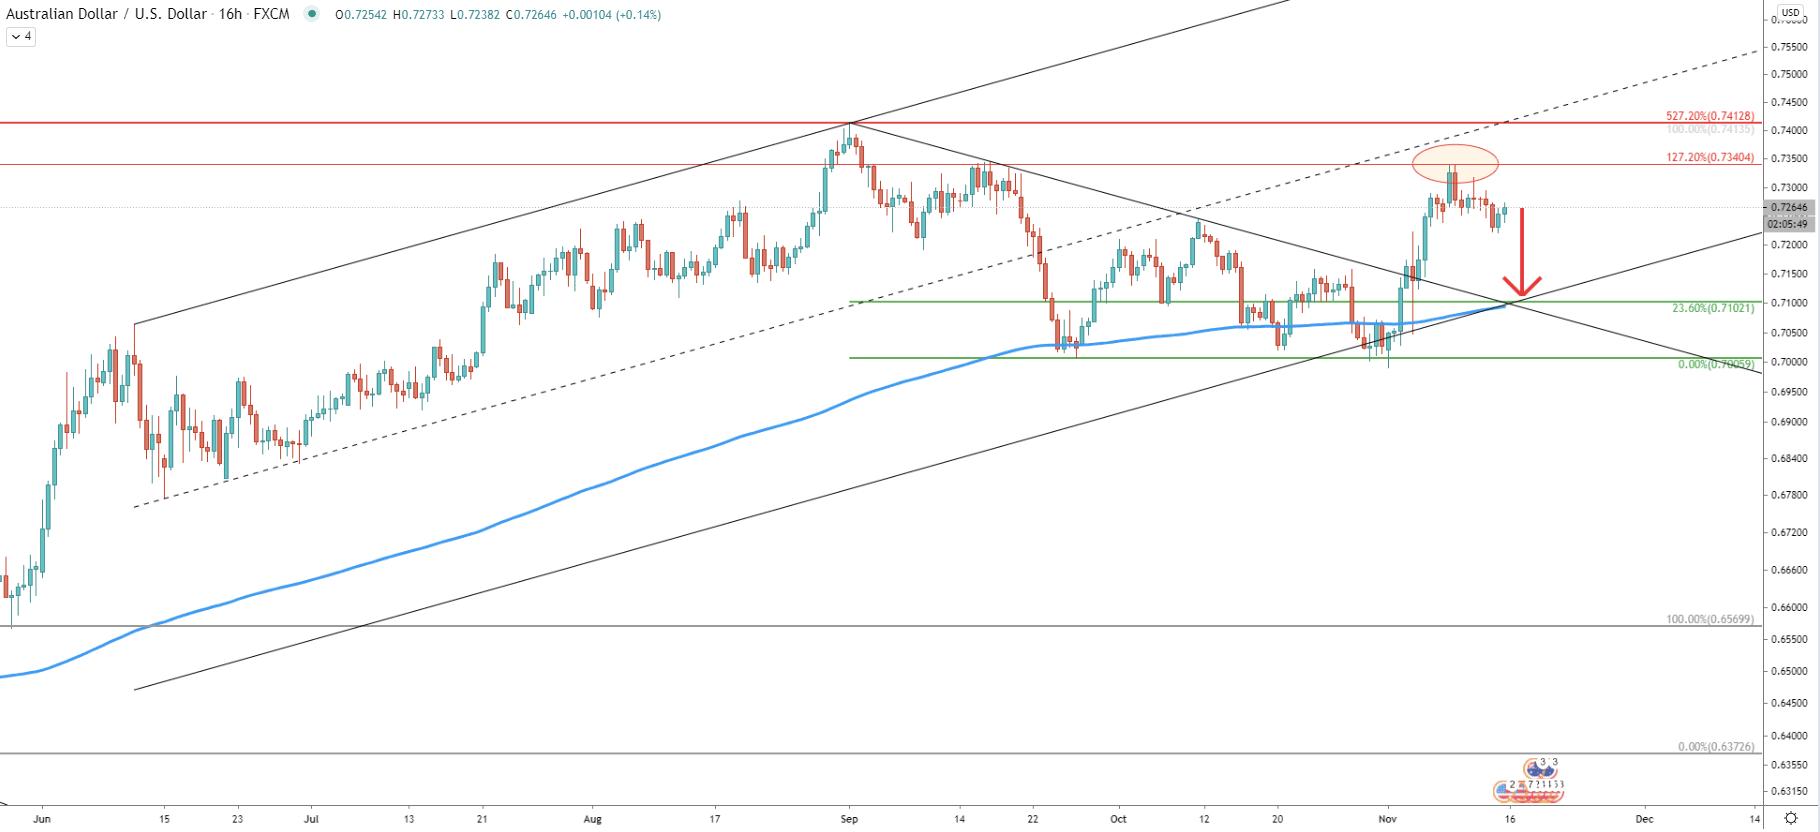 AUD/USD 16-Hour Technical Analysis 13 Nov 2020